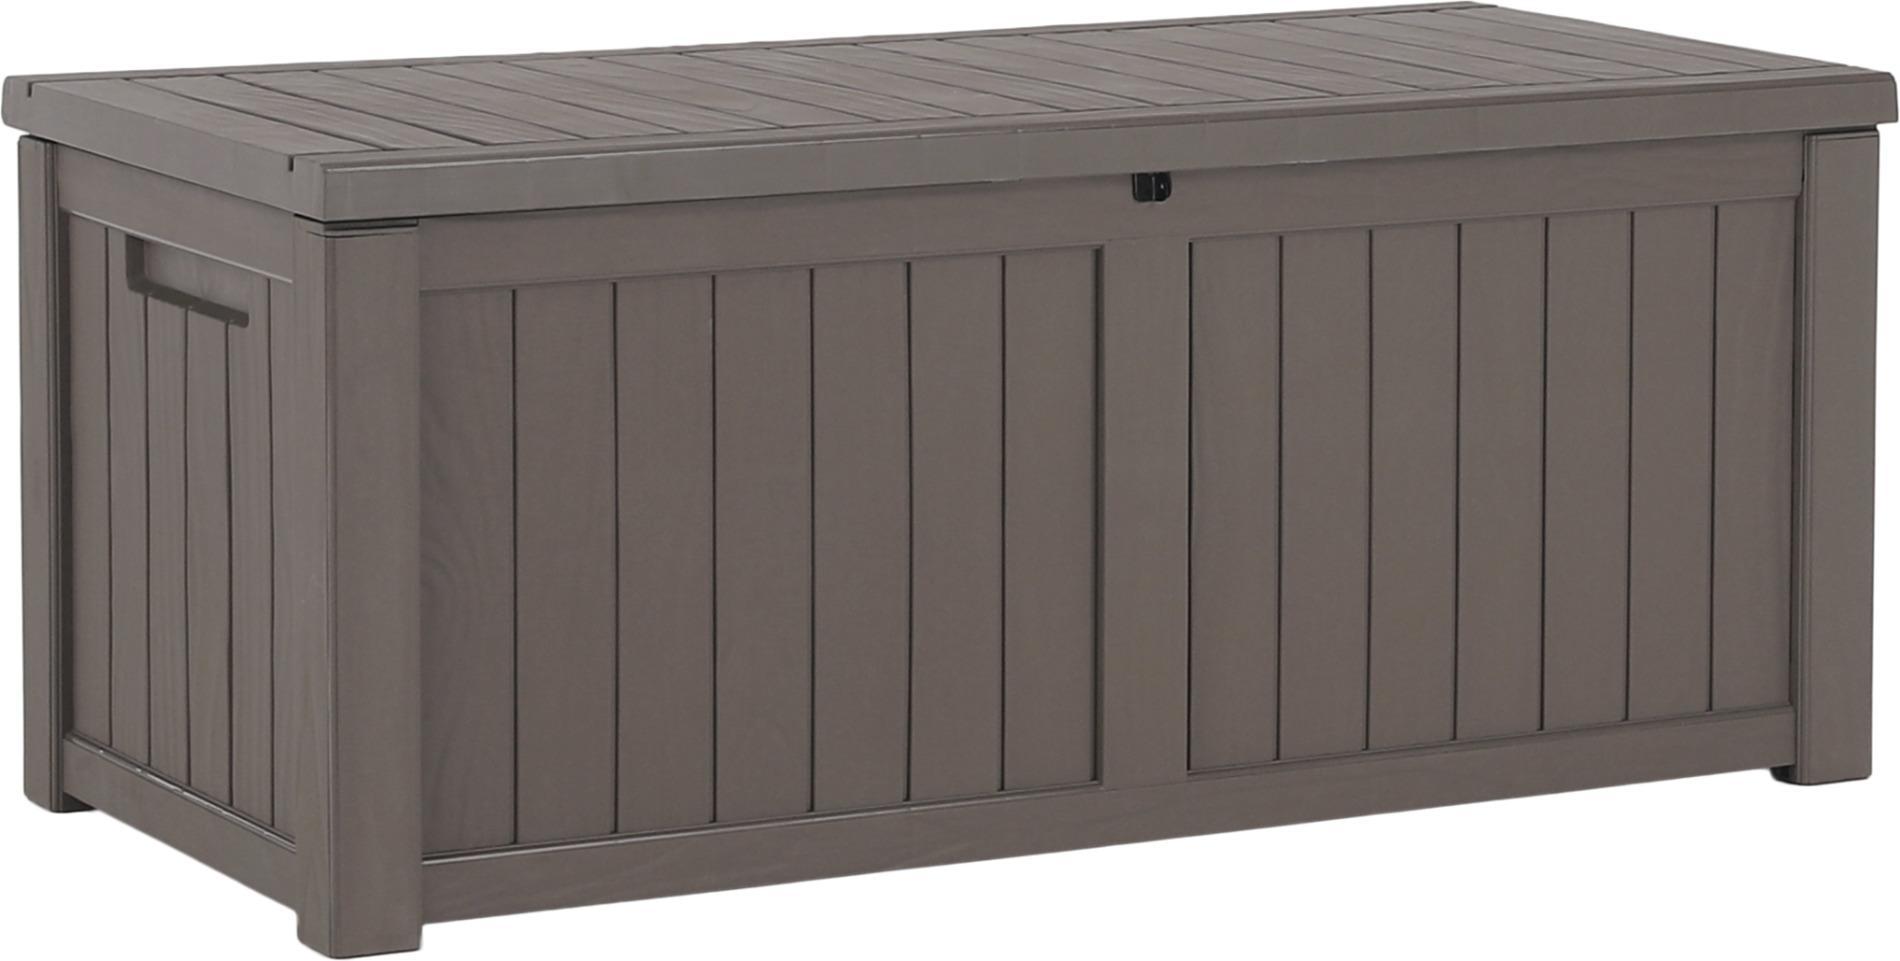 Extra veľký záhradný úložný box, 143cm, sivá, BABUL